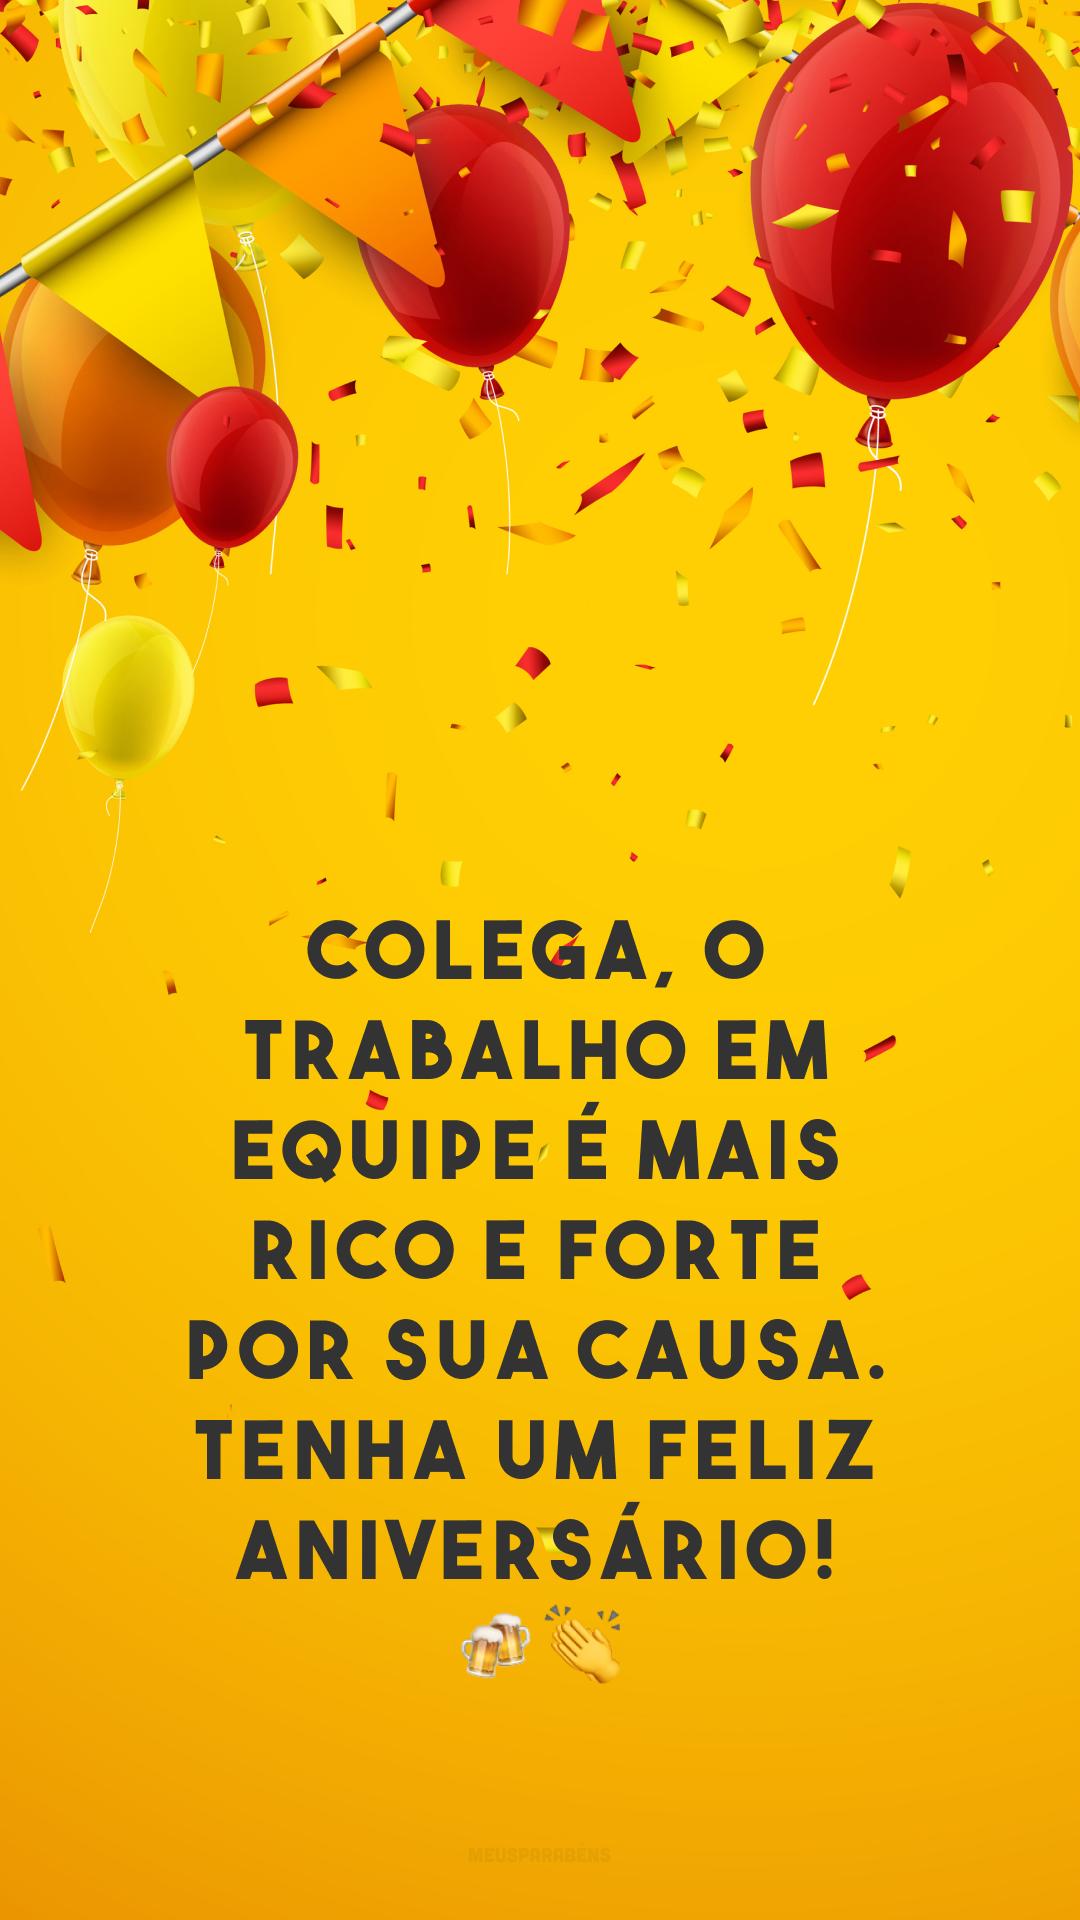 Colega, o trabalho em equipe é mais rico e forte por sua causa. Tenha um feliz aniversário! 🍻👏